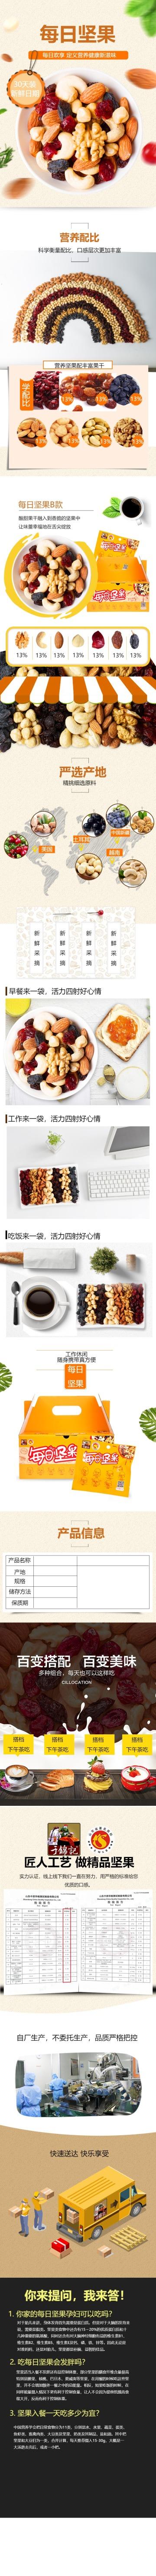 清新简约百货零售美食零食坚果促销电商详情页